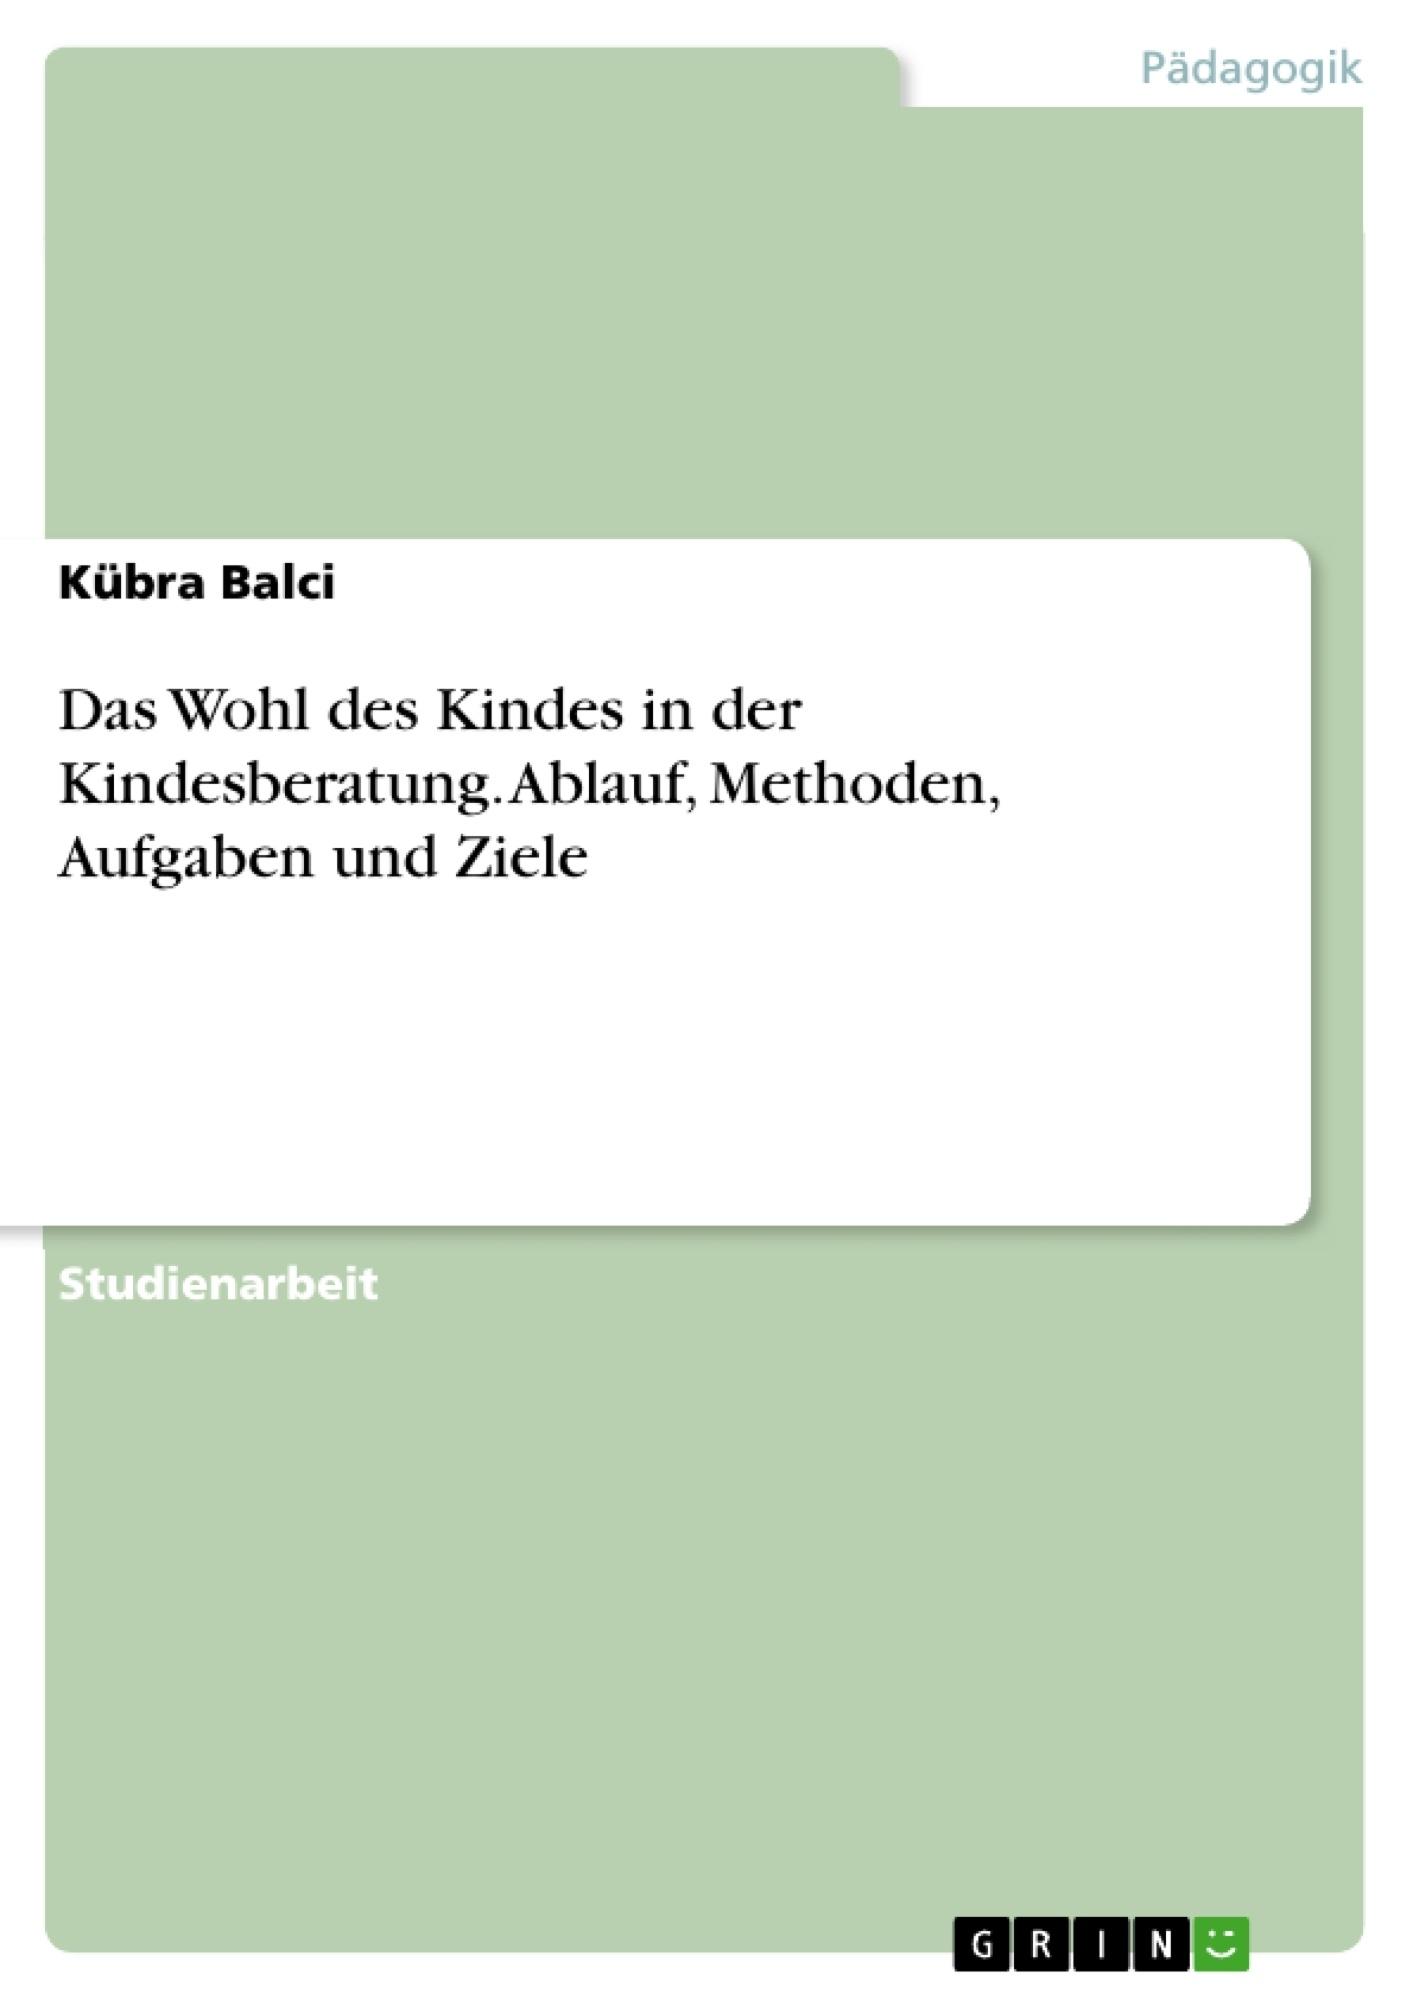 Titel: Das Wohl des Kindes in der Kindesberatung. Ablauf, Methoden, Aufgaben und Ziele